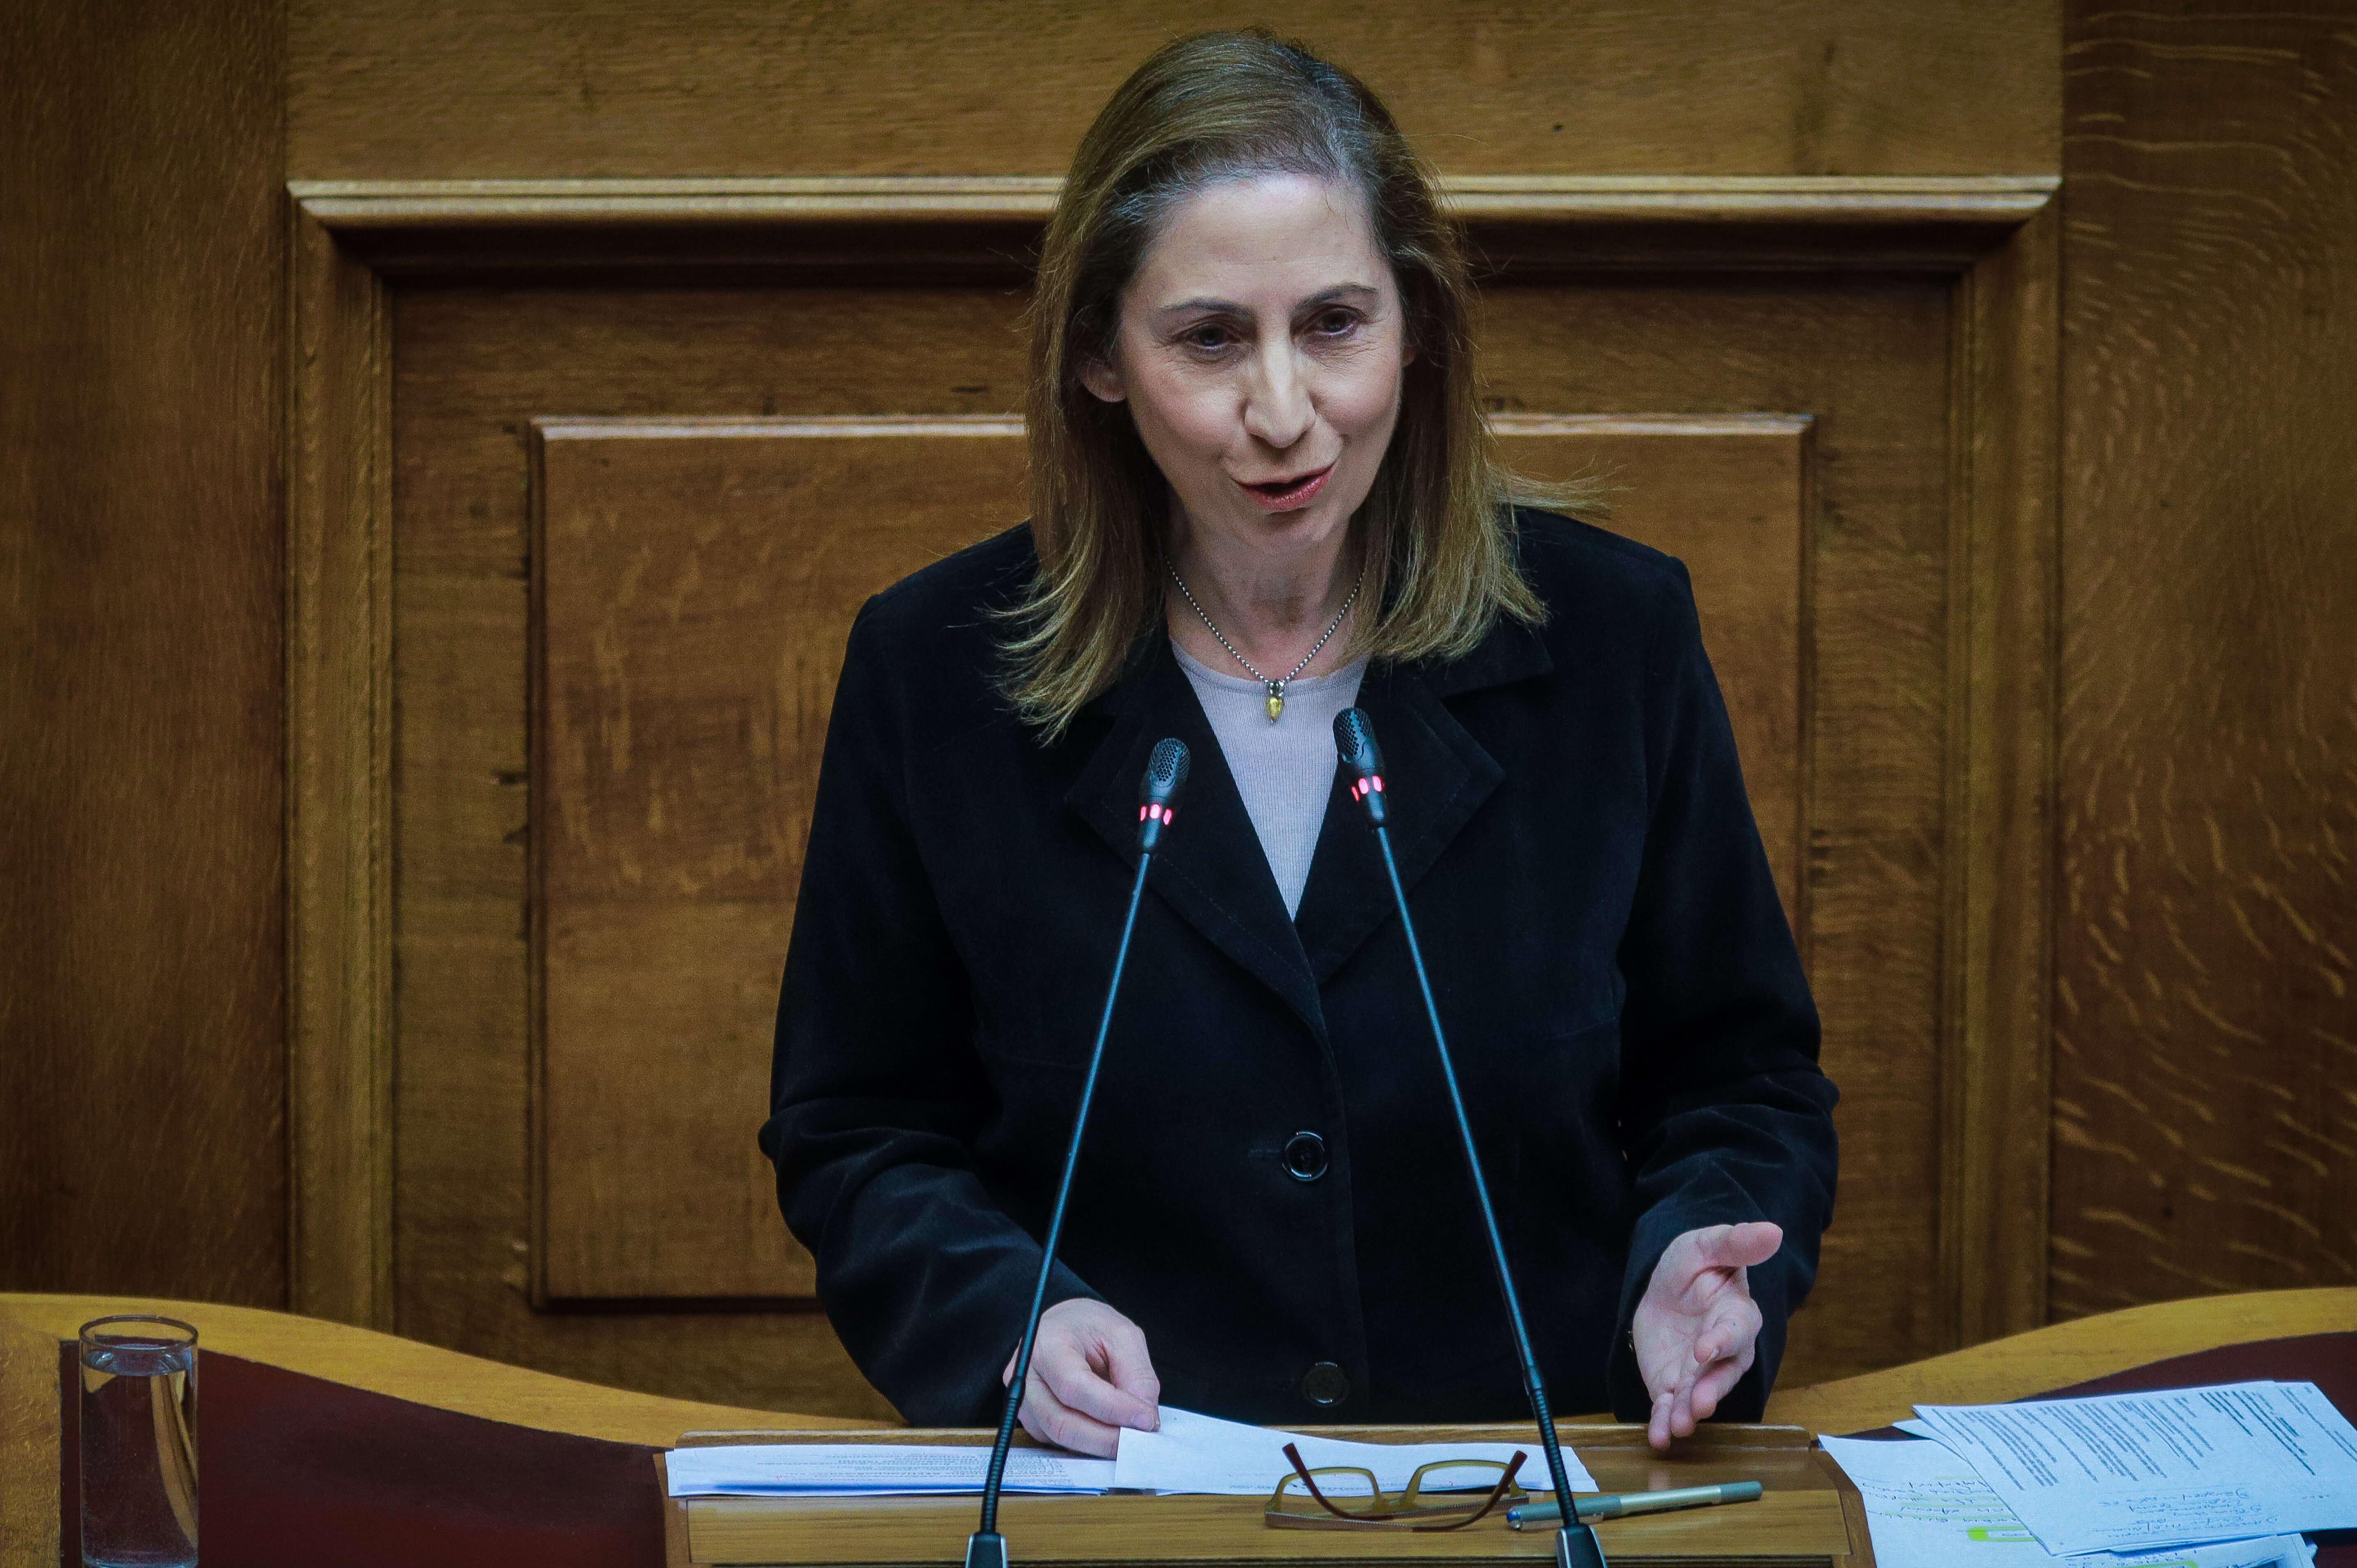 Ξενογιαννακοπούλου: Η ψηφοφορία για το ΑΣΕΠ απέδειξε ότι η κυβέρνηση έχει ψήφο εμπιστοσύνης